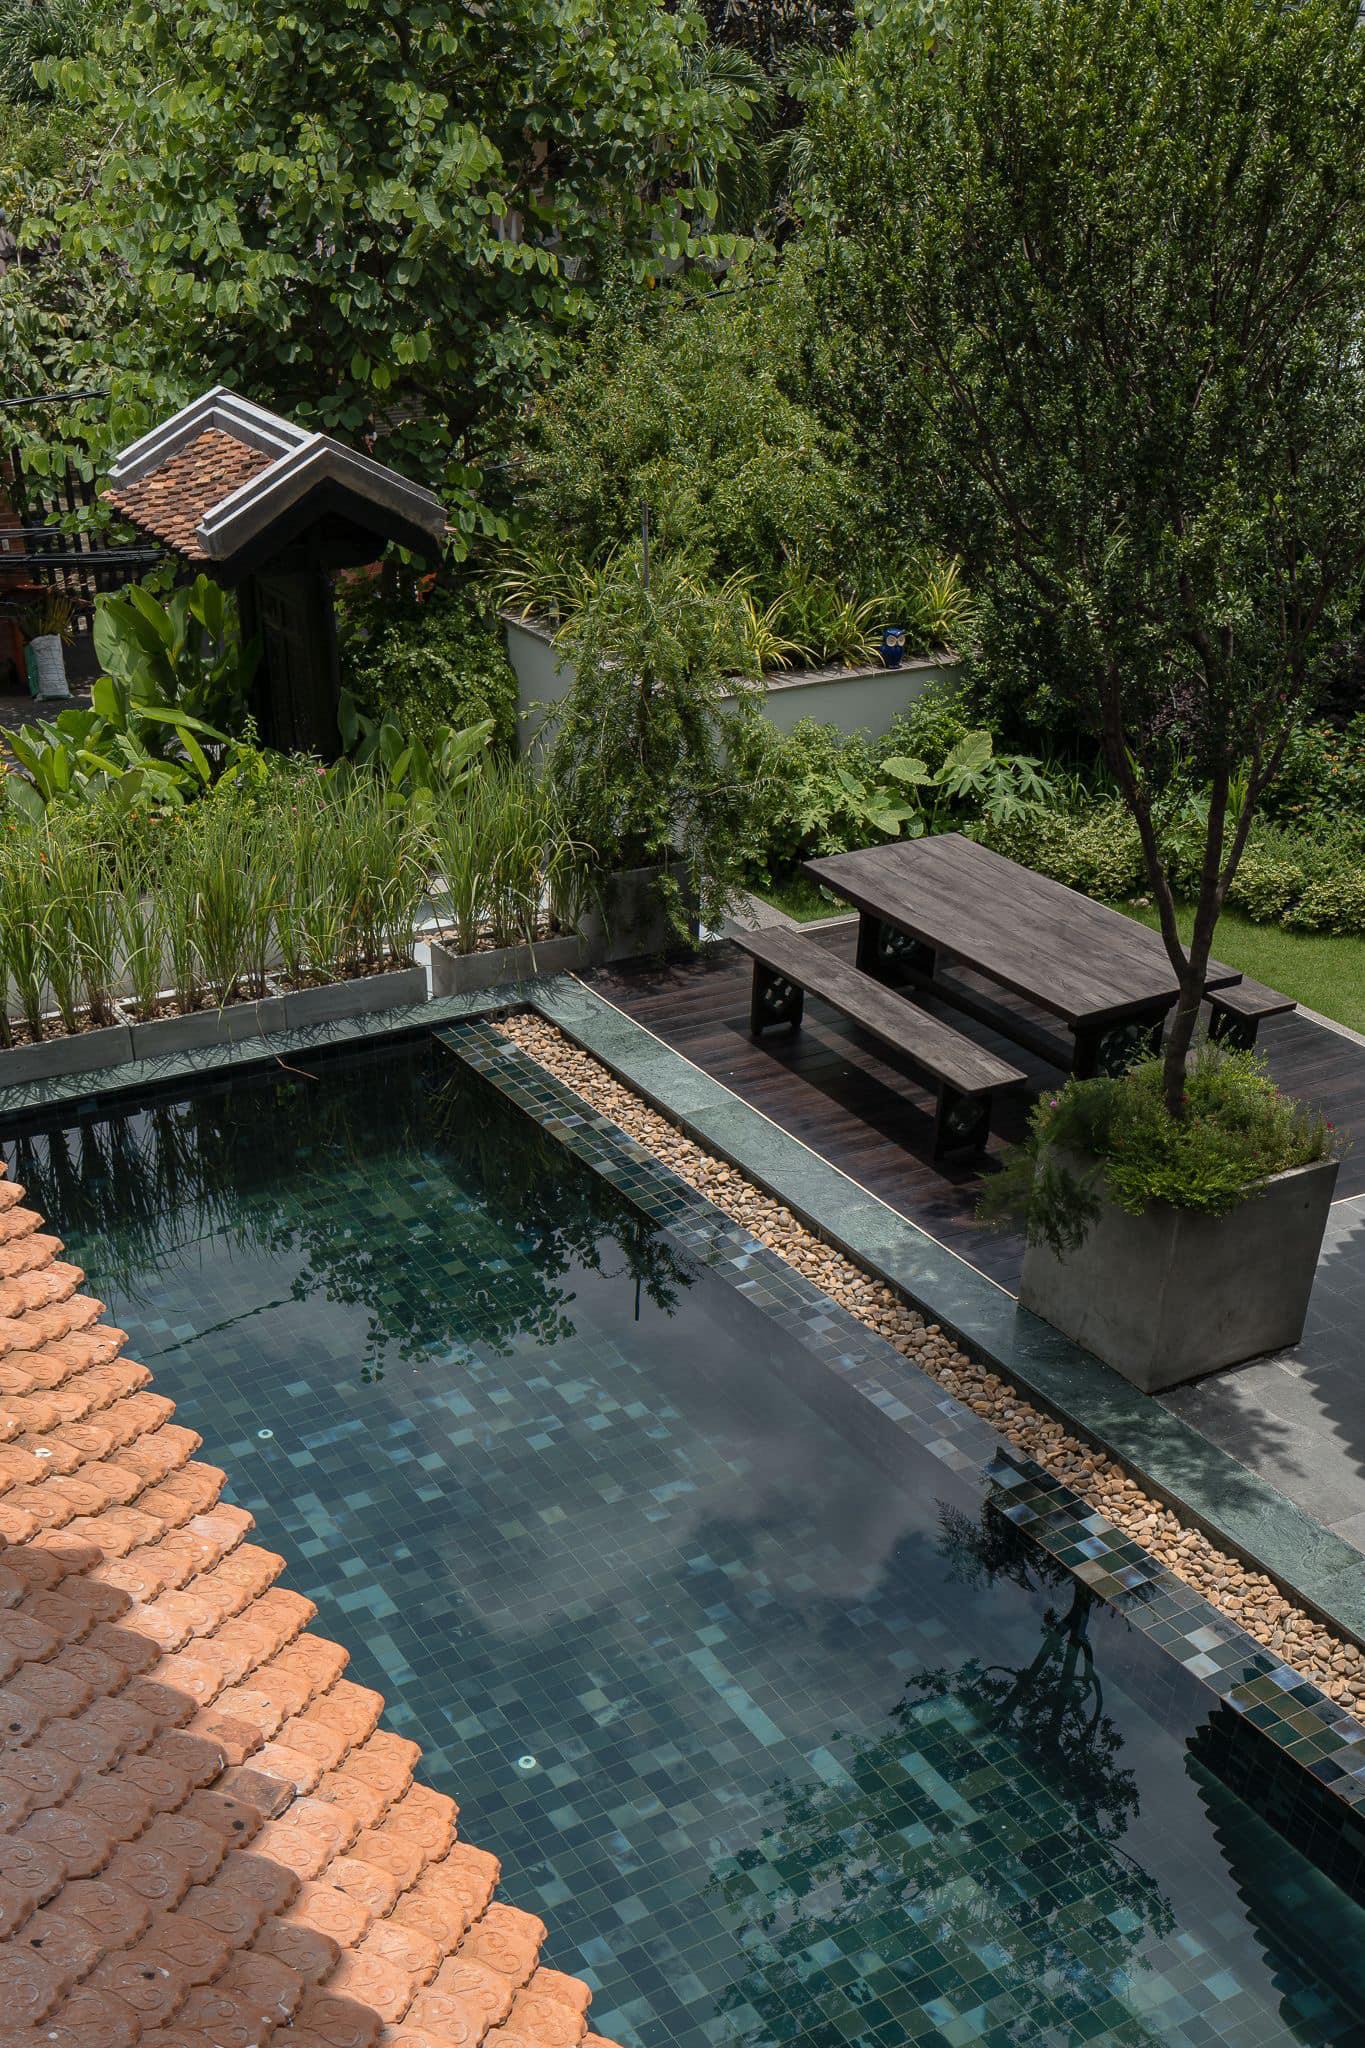 Ngôi nhà 400m2 tại Thảo Điền - Quận 2 được thiết kế từ ngôi biệt thự cổ, không gian thiên nhiên mê đắm lòng người - Ảnh 2.